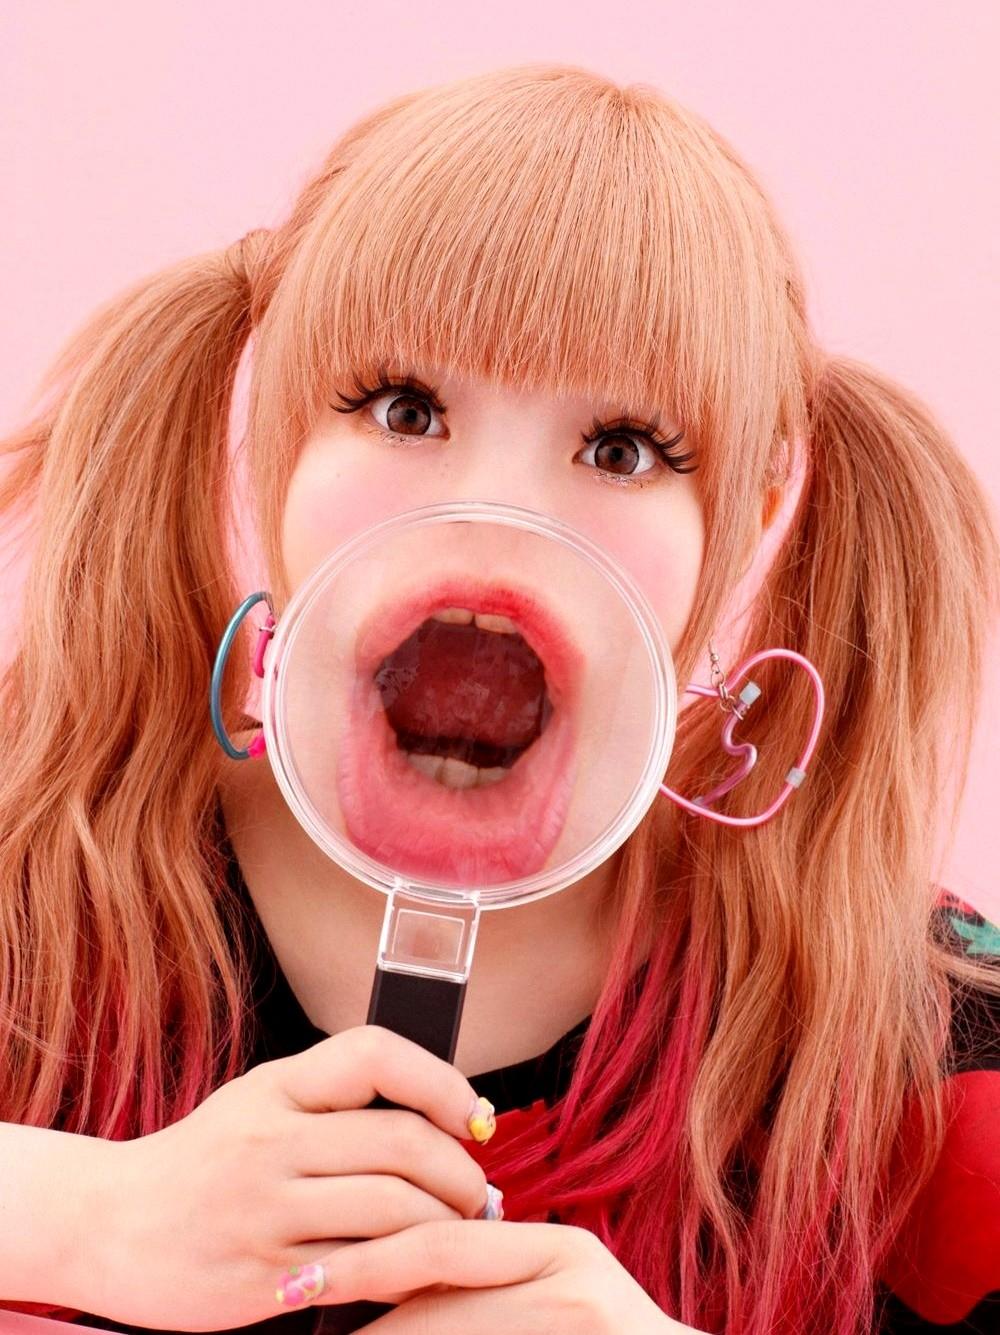 きゃりーぱみゅぱみゅの変顔舌出し (3)